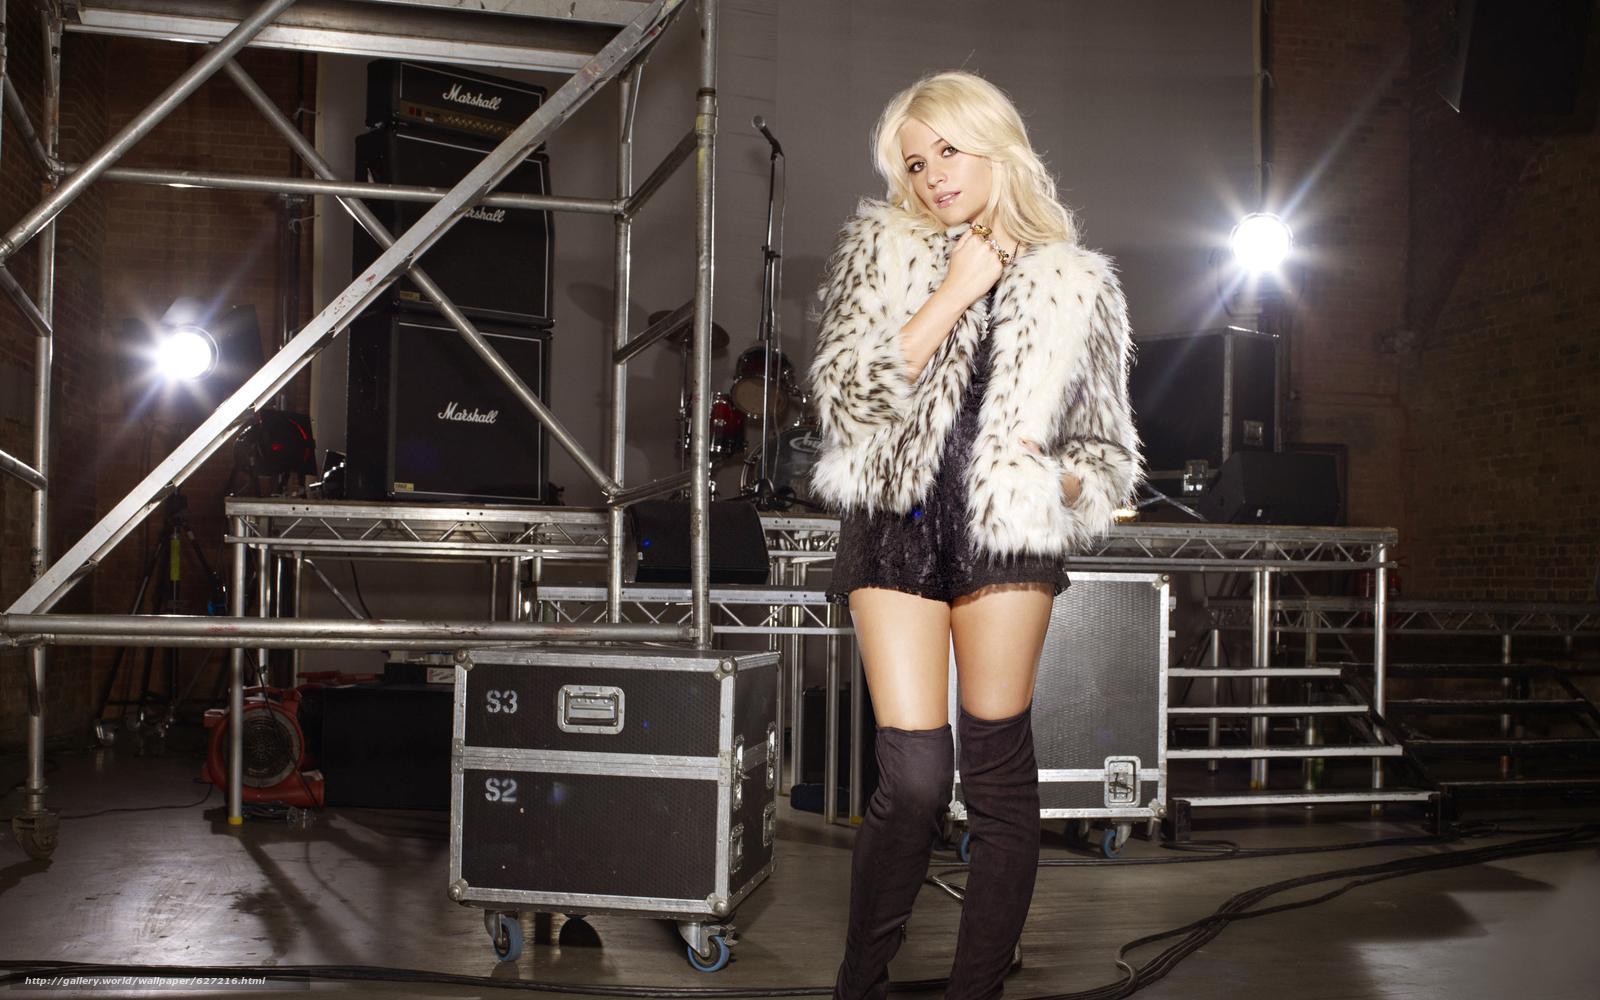 Скачать обои pixie lott,  Пи́кси Лотт,  Викто́рия Луи́за Лотт,  британская певица бесплатно для рабочего стола в разрешении 3248x2030 — картинка №627216